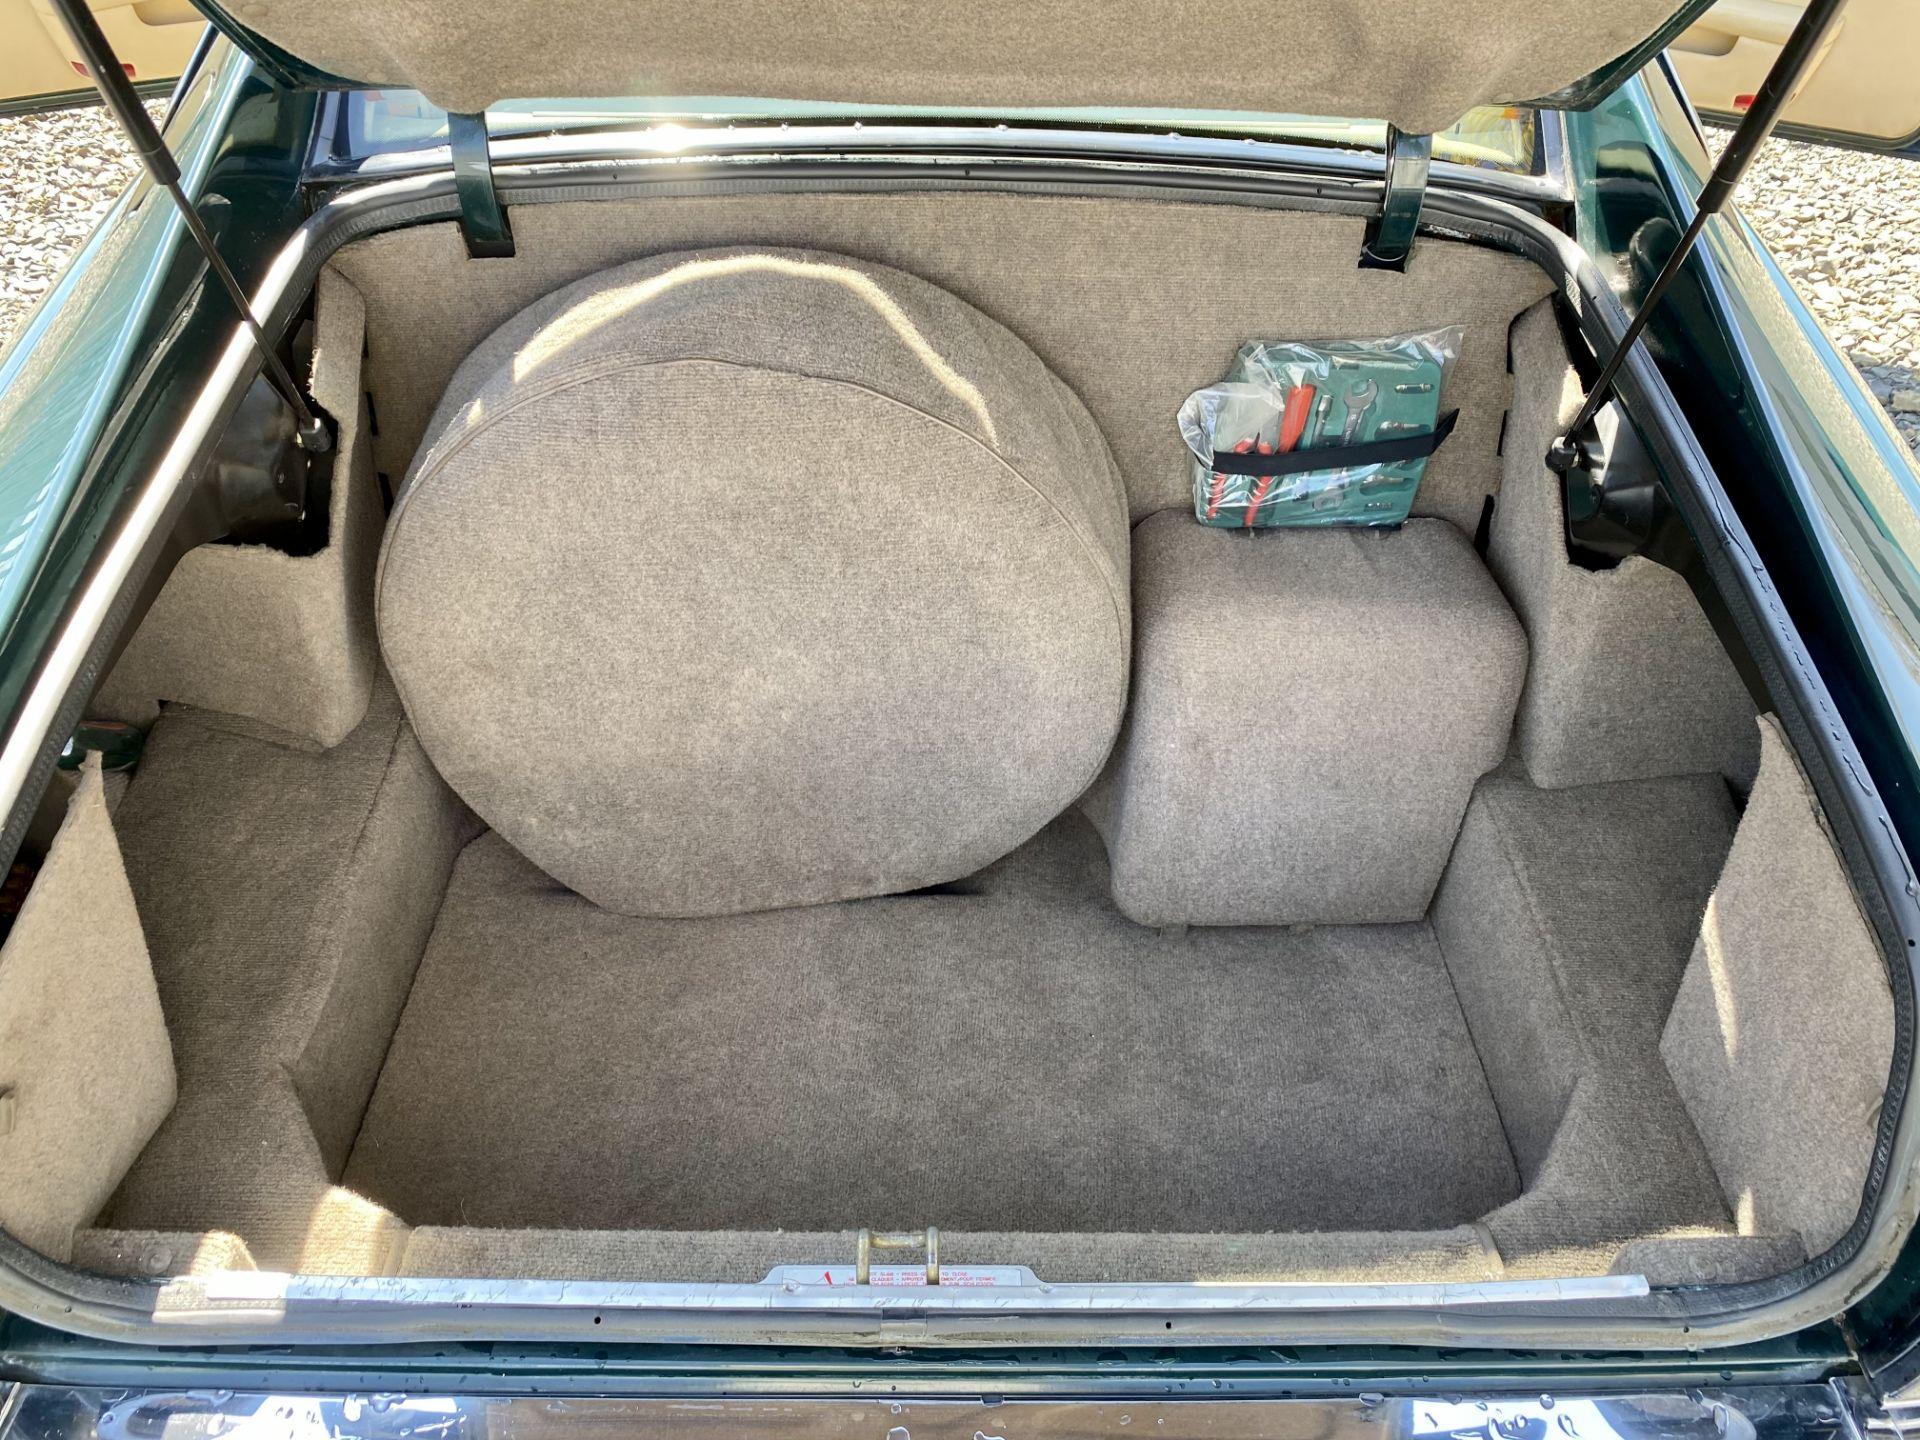 Jaguar XJS coupe - Image 57 of 64